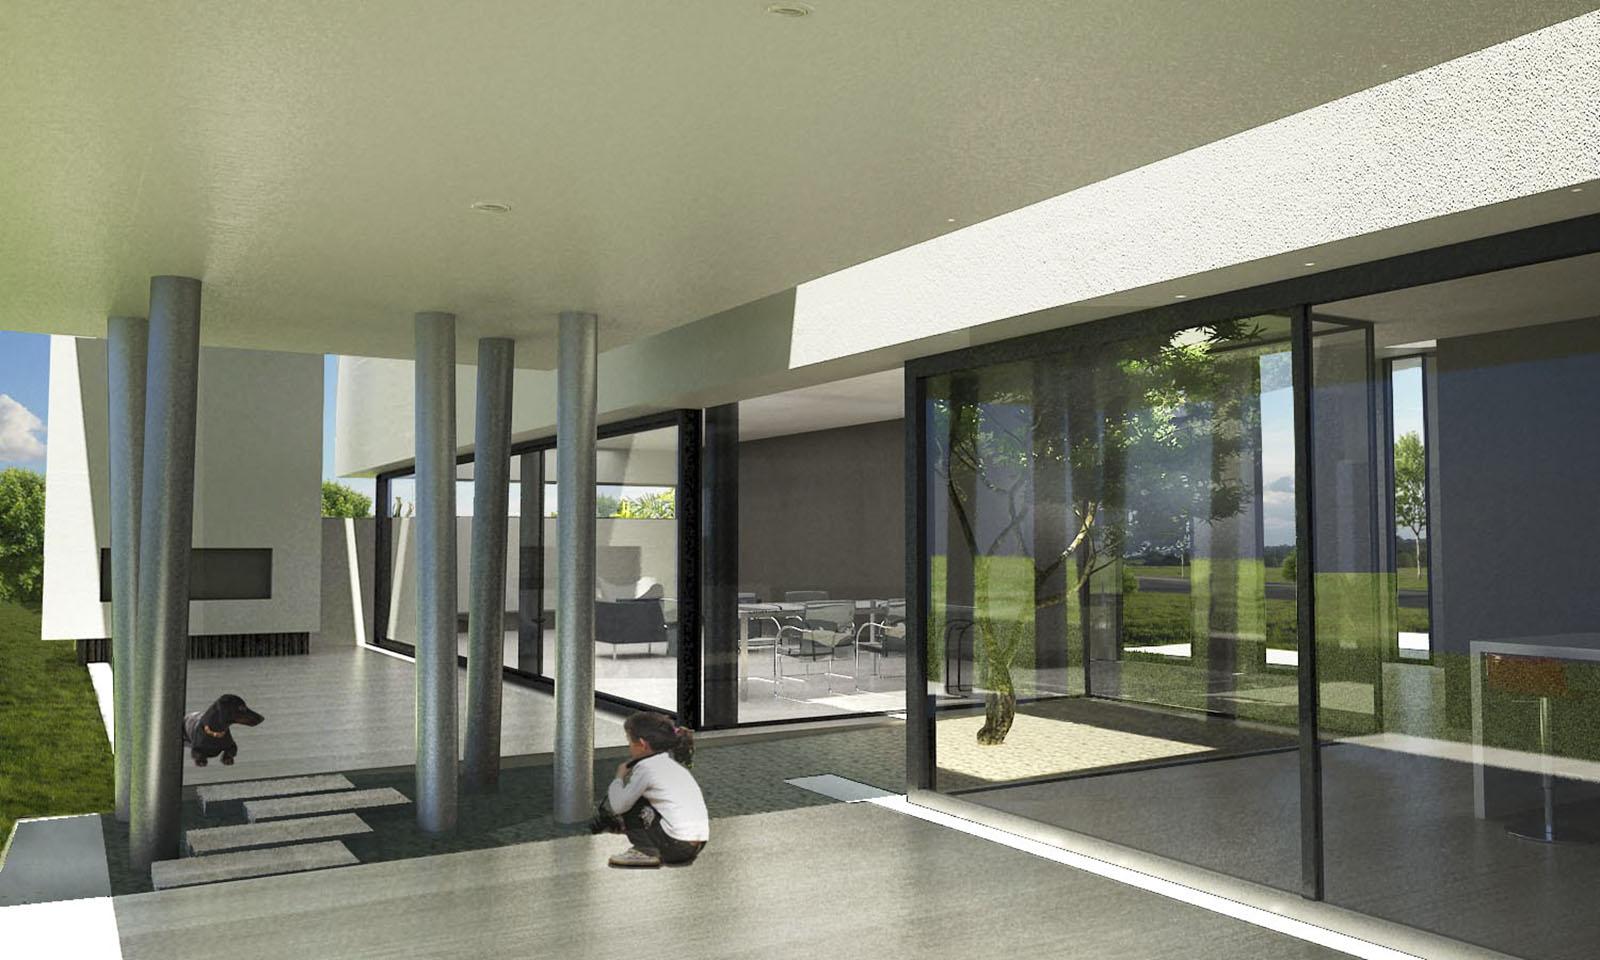 columnas en acero, galerías modernas, fachadas vidriadas, jardines interiores